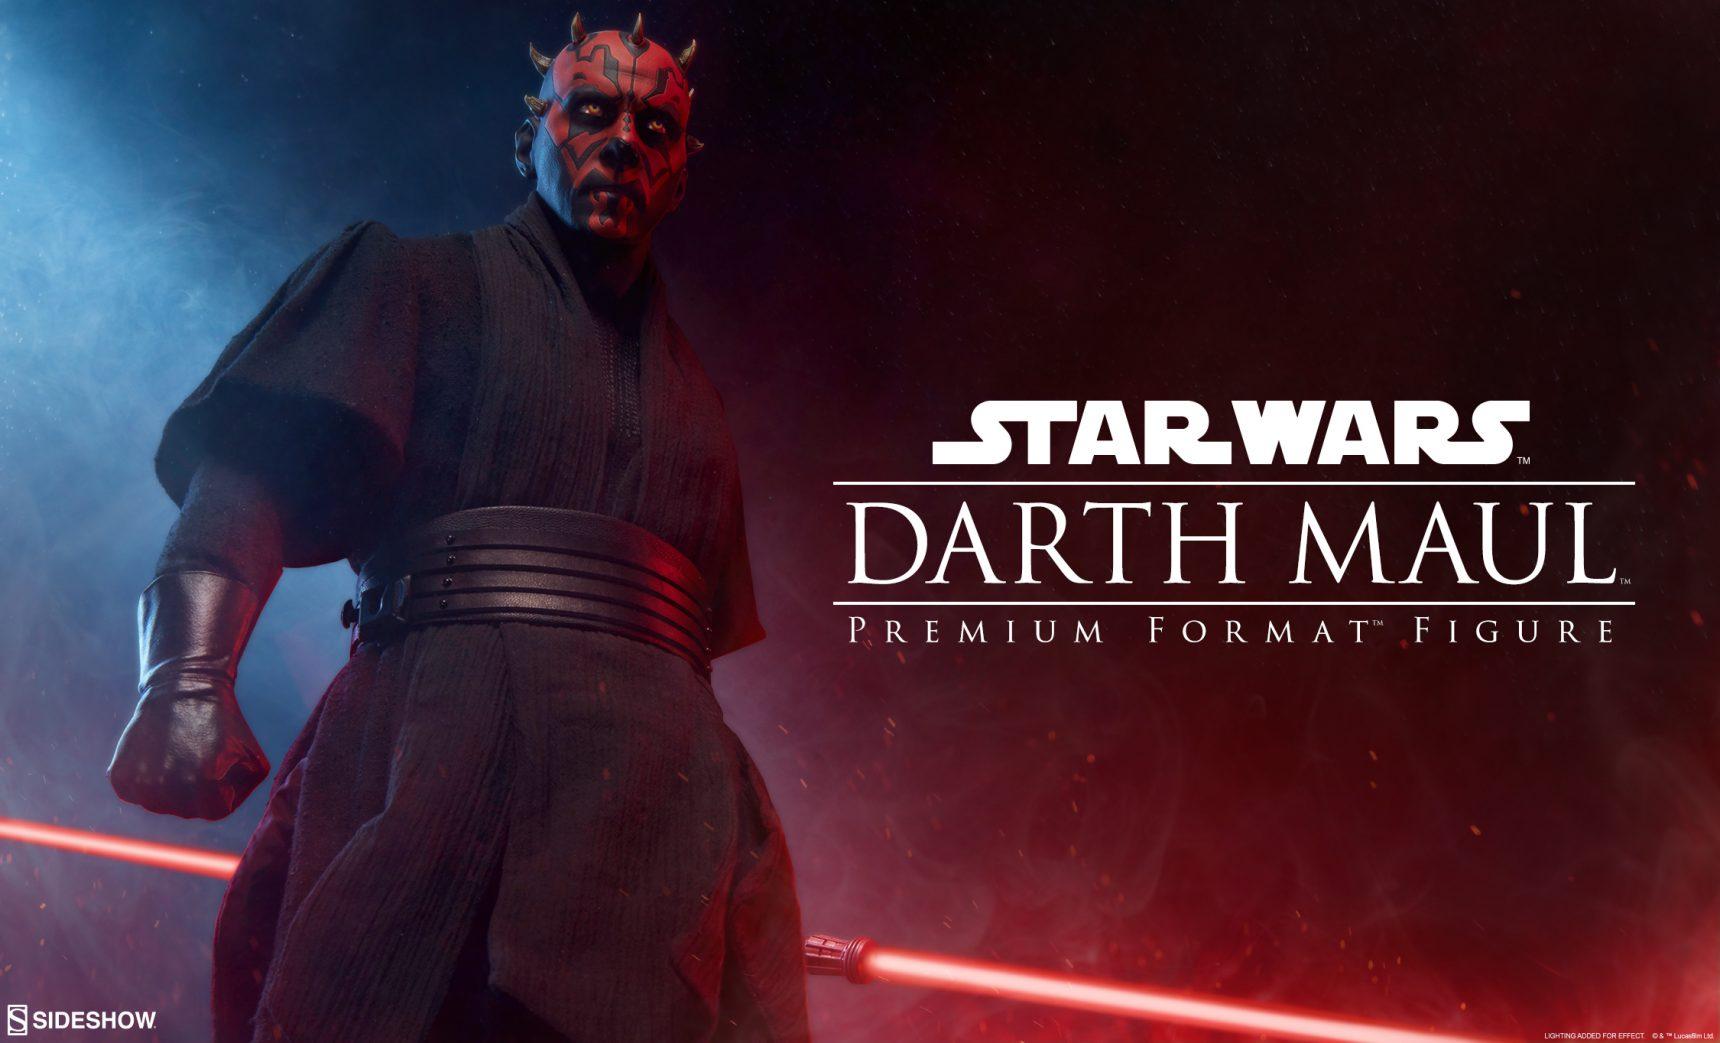 Darth Maul Premium Format